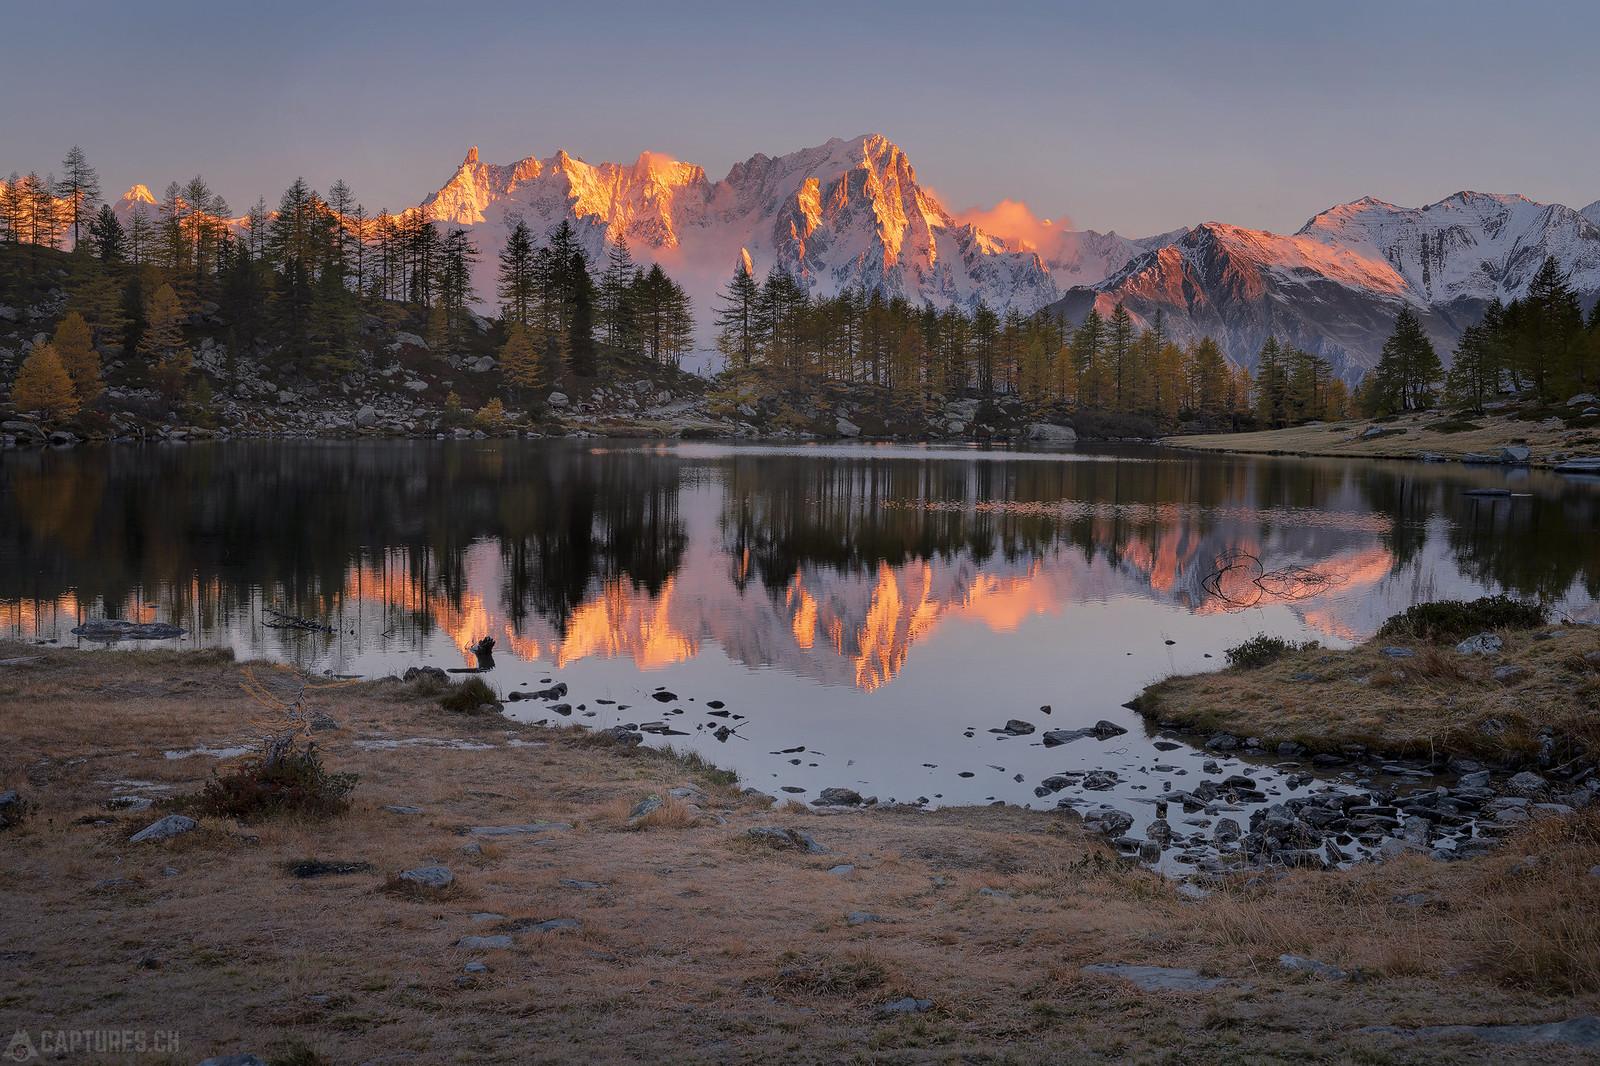 Red peaks - Lago d'Arpy